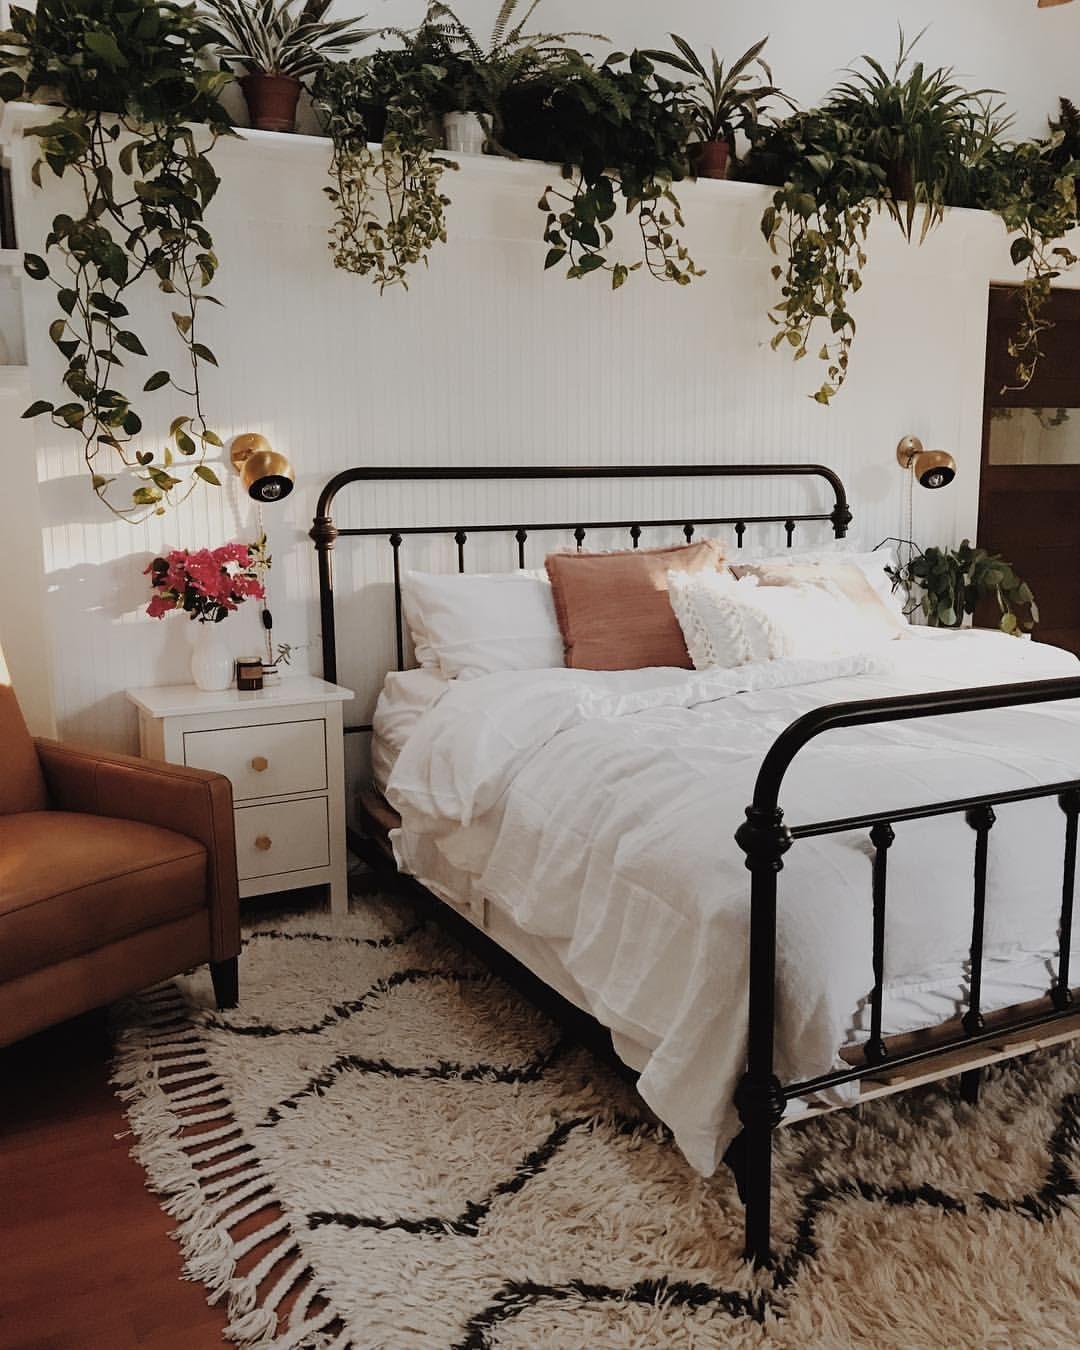 pin von moana naemi auf wohnung pinterest schlafzimmer schlafzimmer ideen und haus. Black Bedroom Furniture Sets. Home Design Ideas